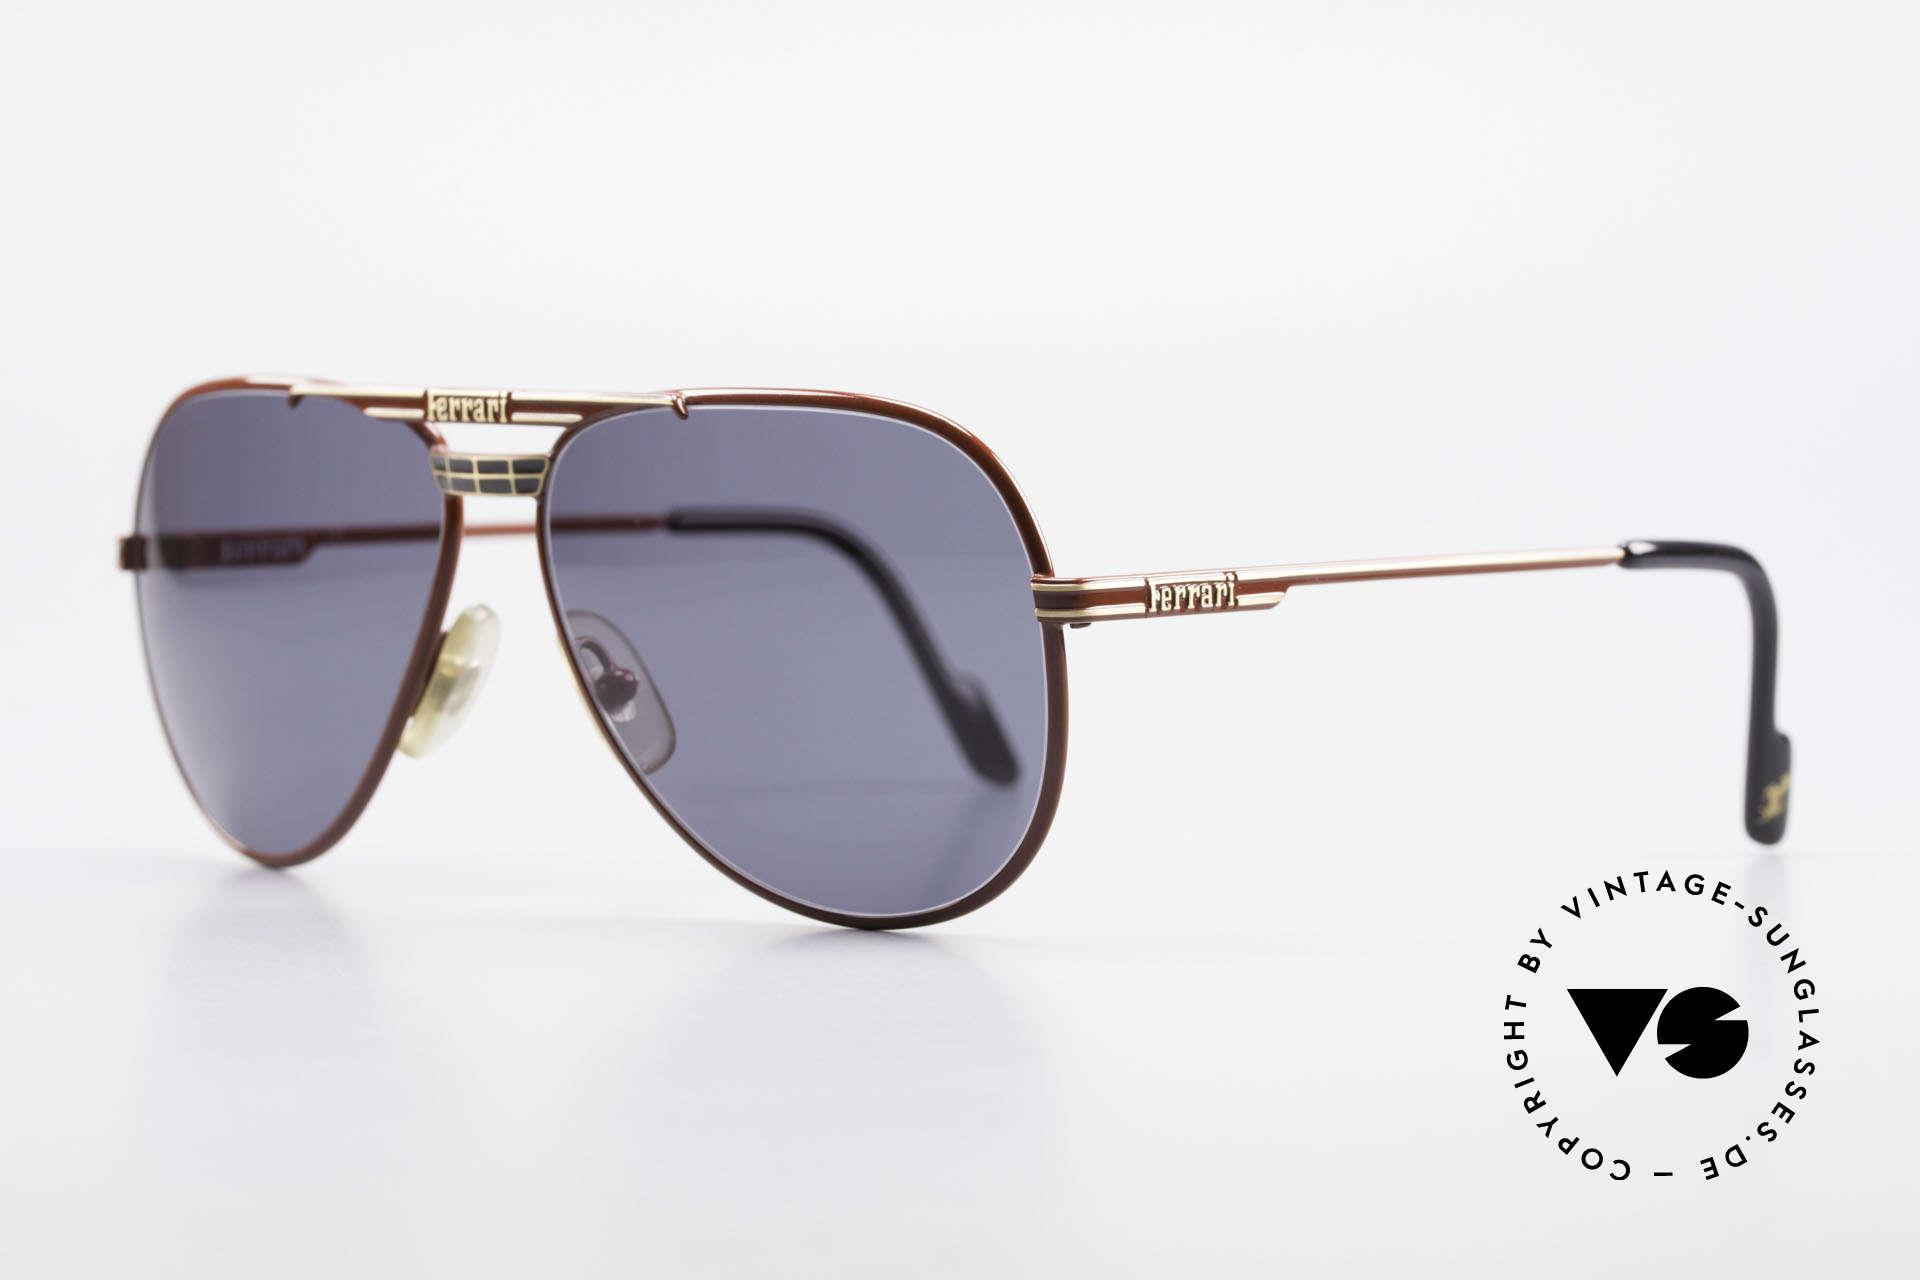 Ferrari F13 Sportliche Aviator Brille 80er, beste Materialien; Top-Verarbeitung; muss man fühlen!, Passend für Herren